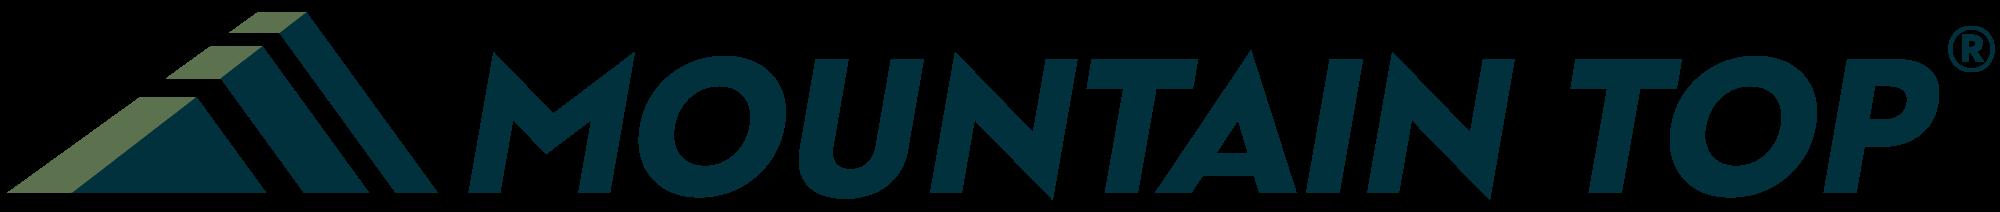 Mountain Top corporate logo